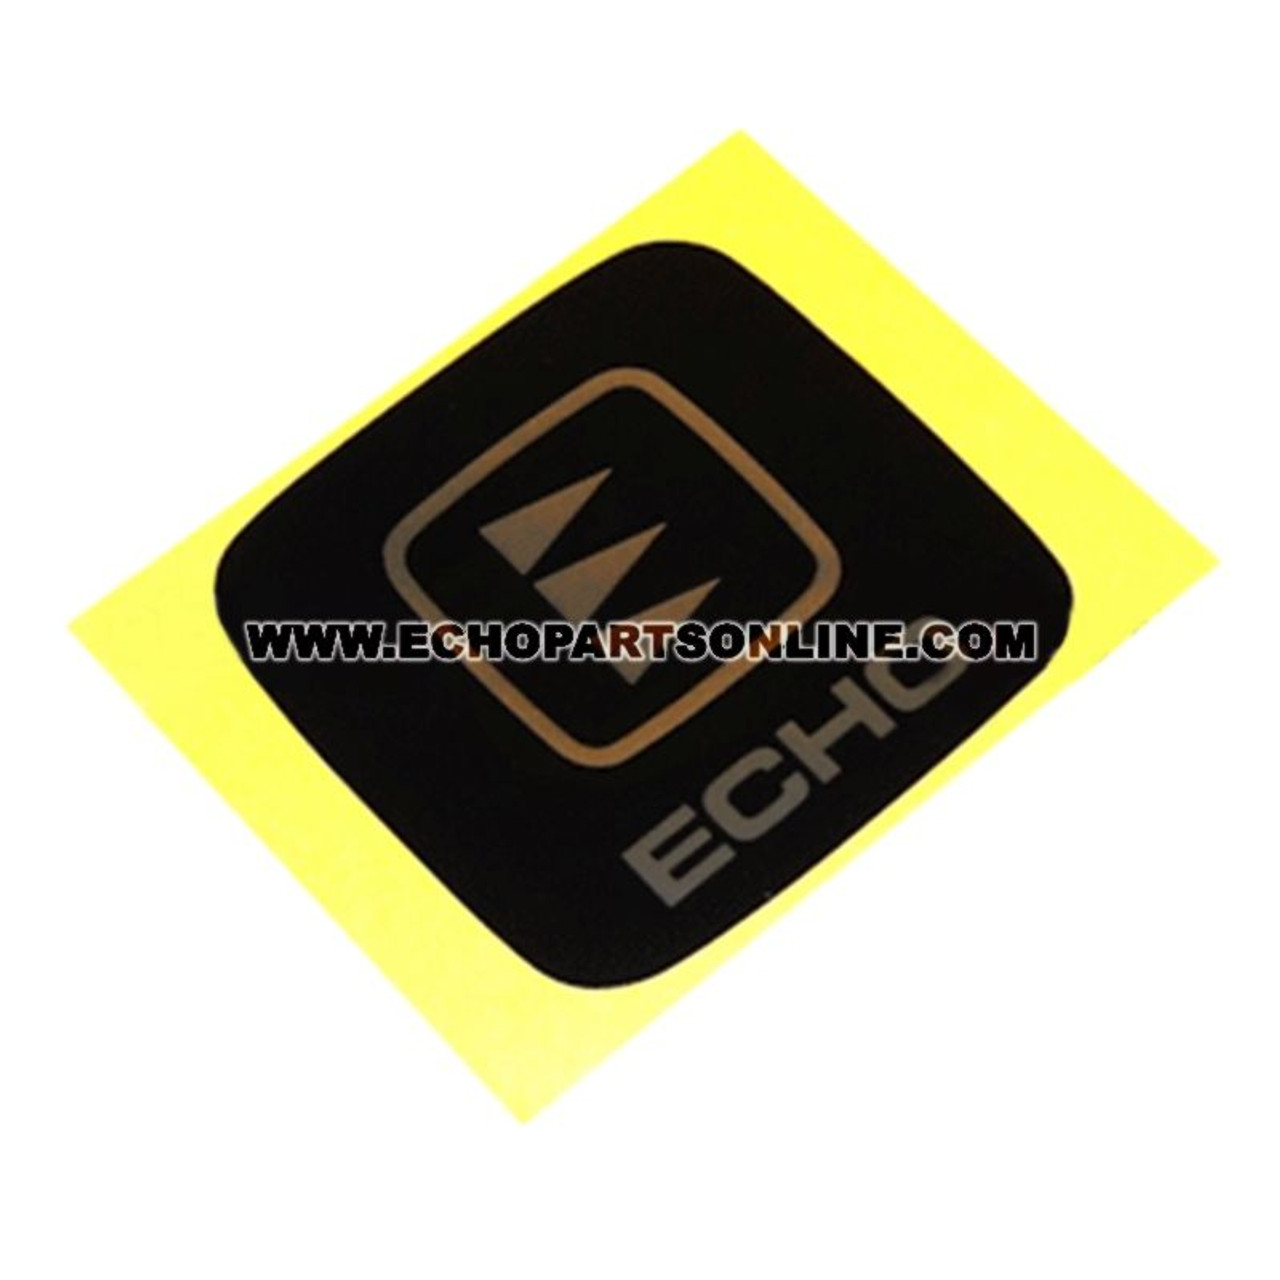 ECHO 89001200662 - LABEL ECHO - Image 1